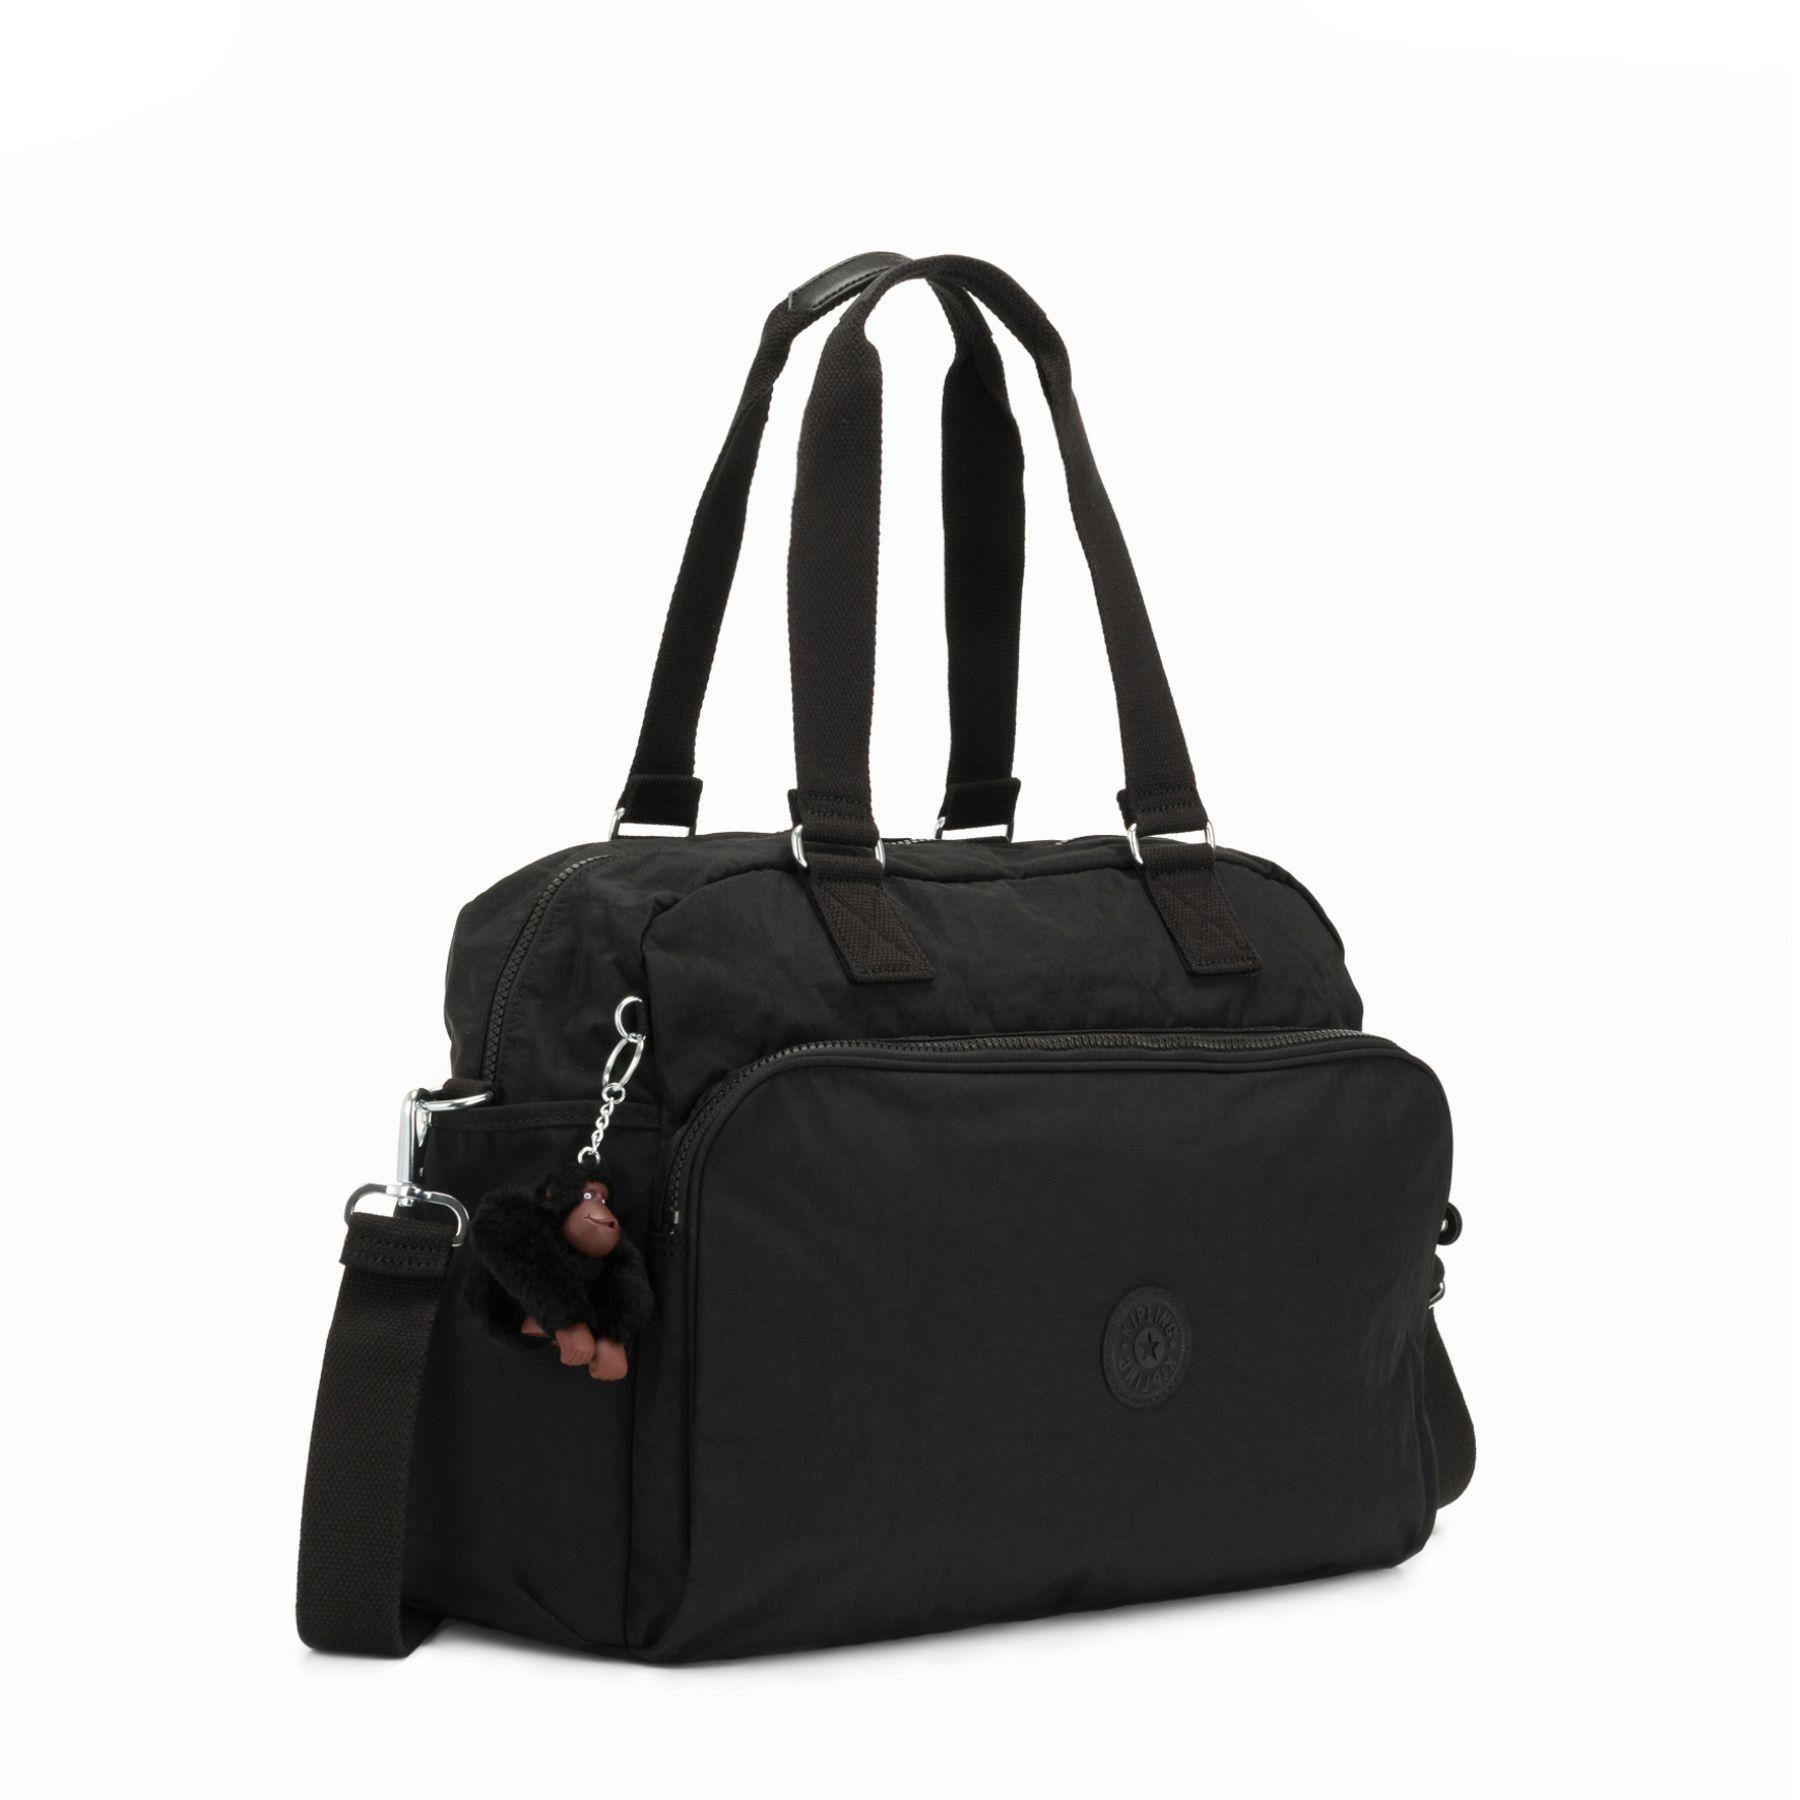 Bolsa Grande Viagem Kipling July Bag True Black